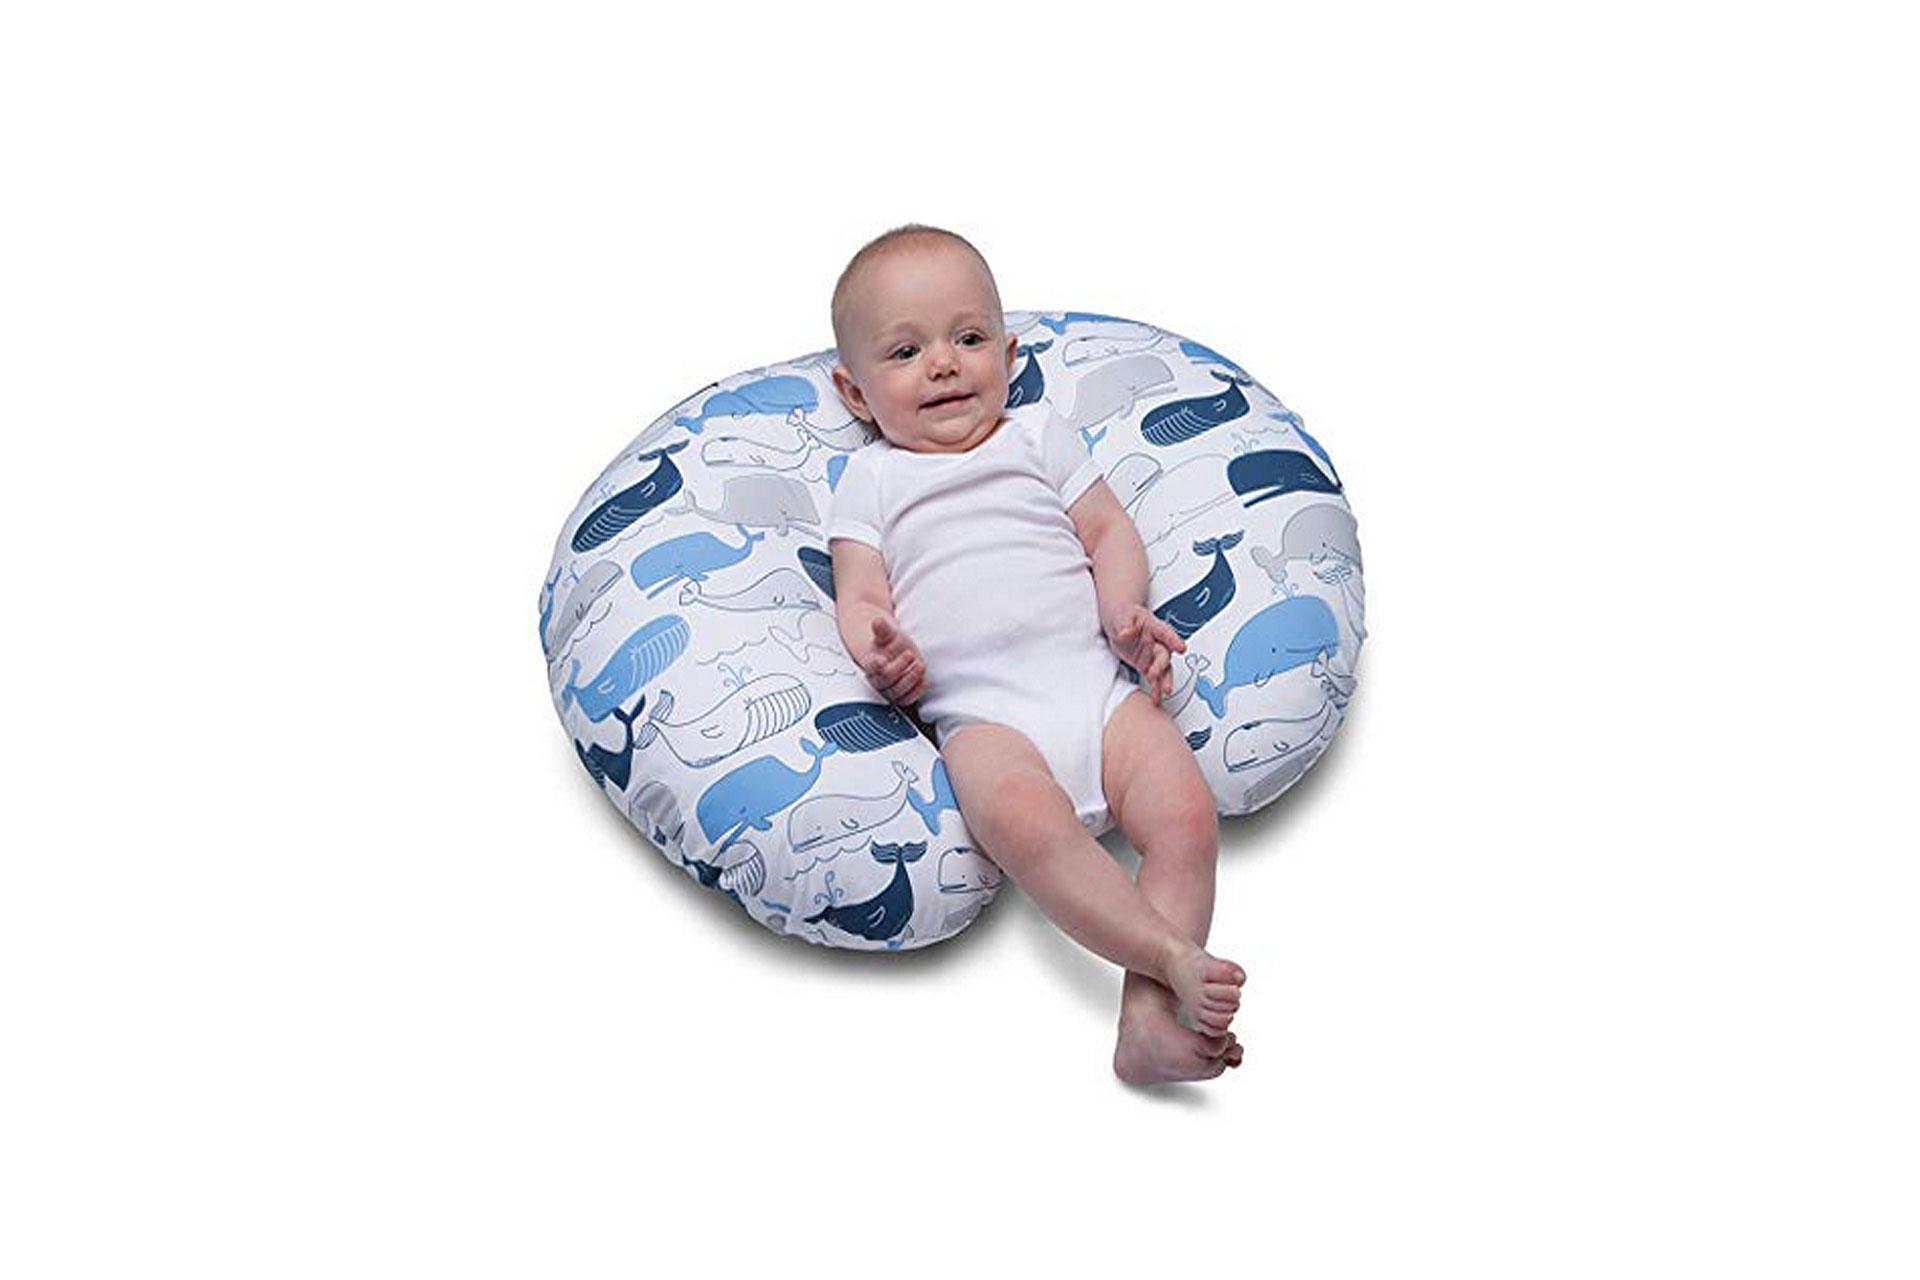 Boppy Pillow; Courtesy of Amazon